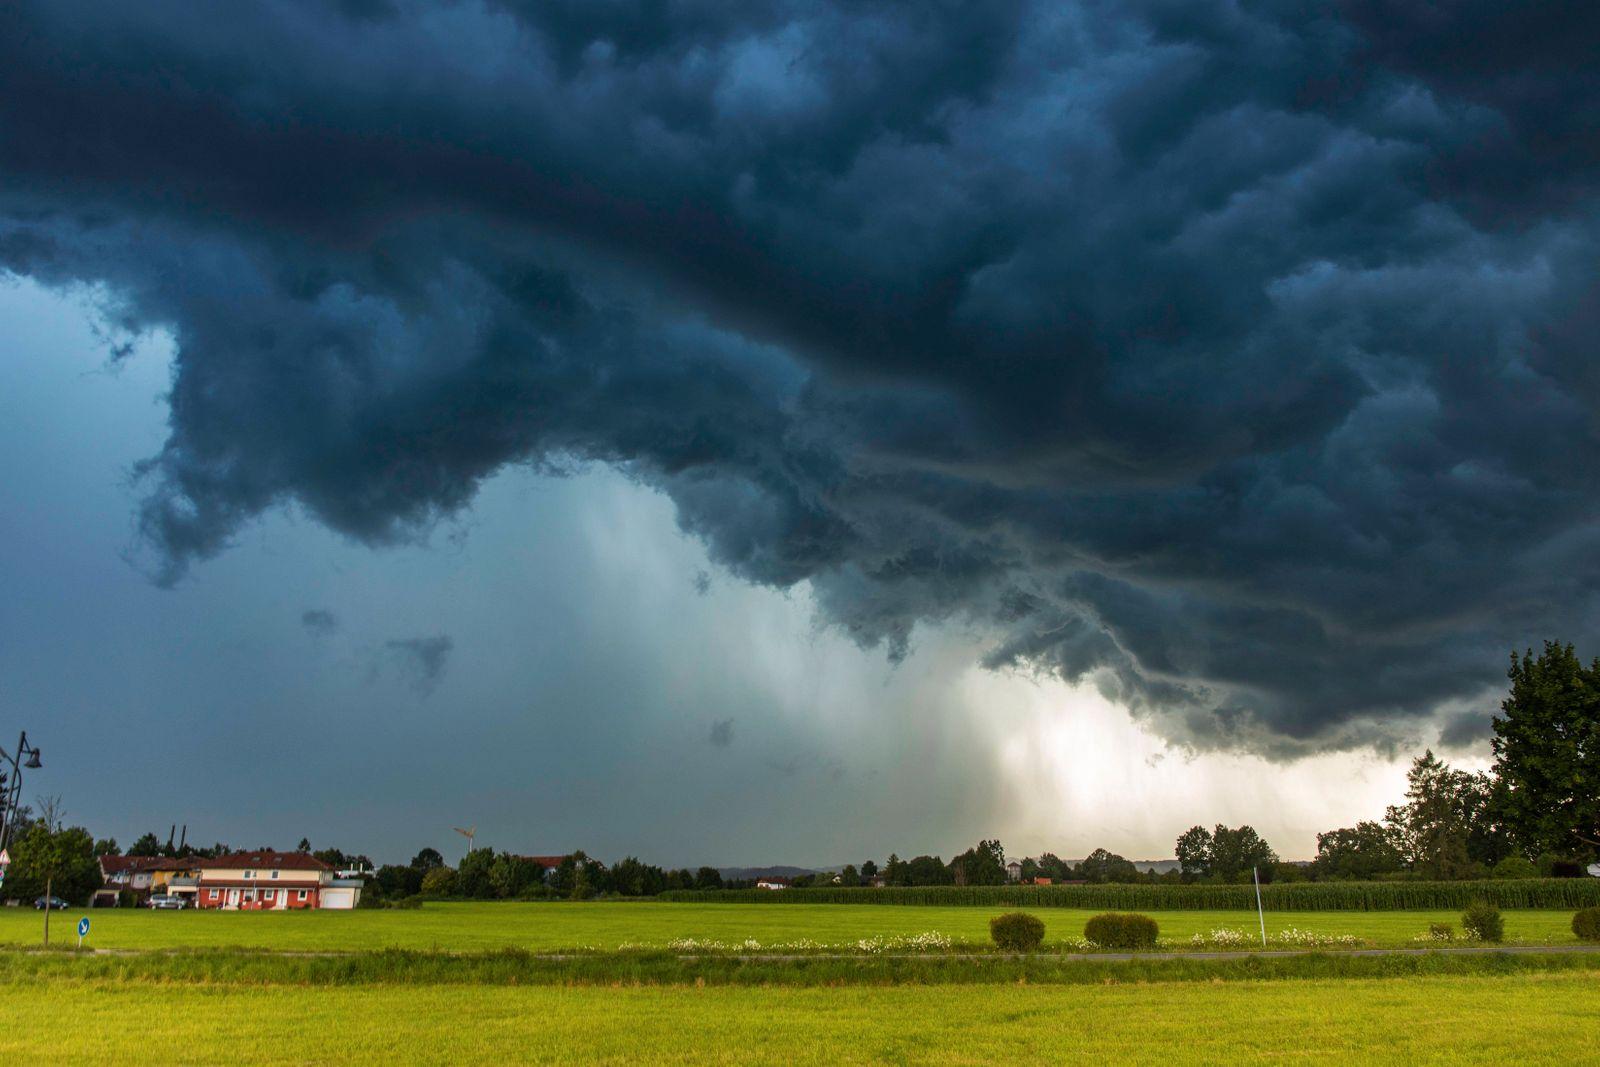 Bilder des Jahres 2021, News 07 Juli News Themen der Woche KW29 ID 353 Schon wieder Hochwasseralarm in S¸dbayern. Schwer